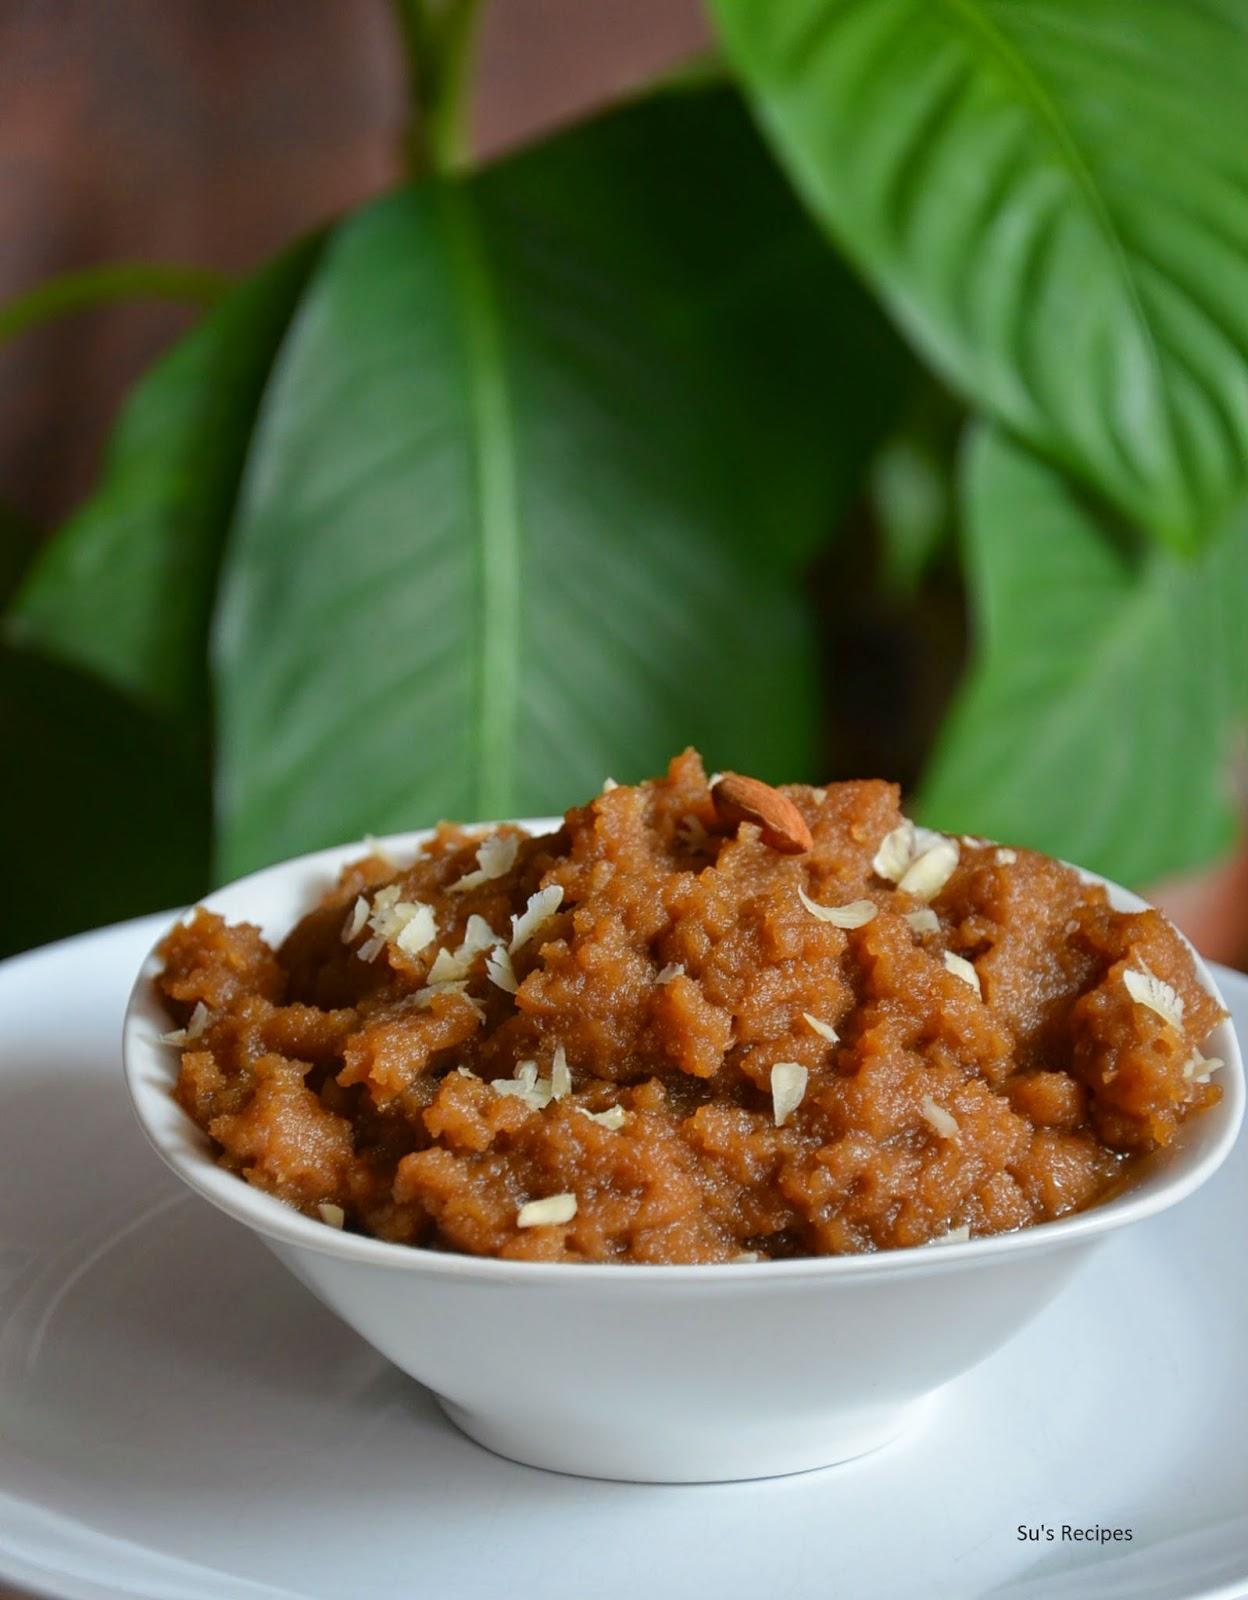 how to make aate ka halwa, recipe of aate ka halwa